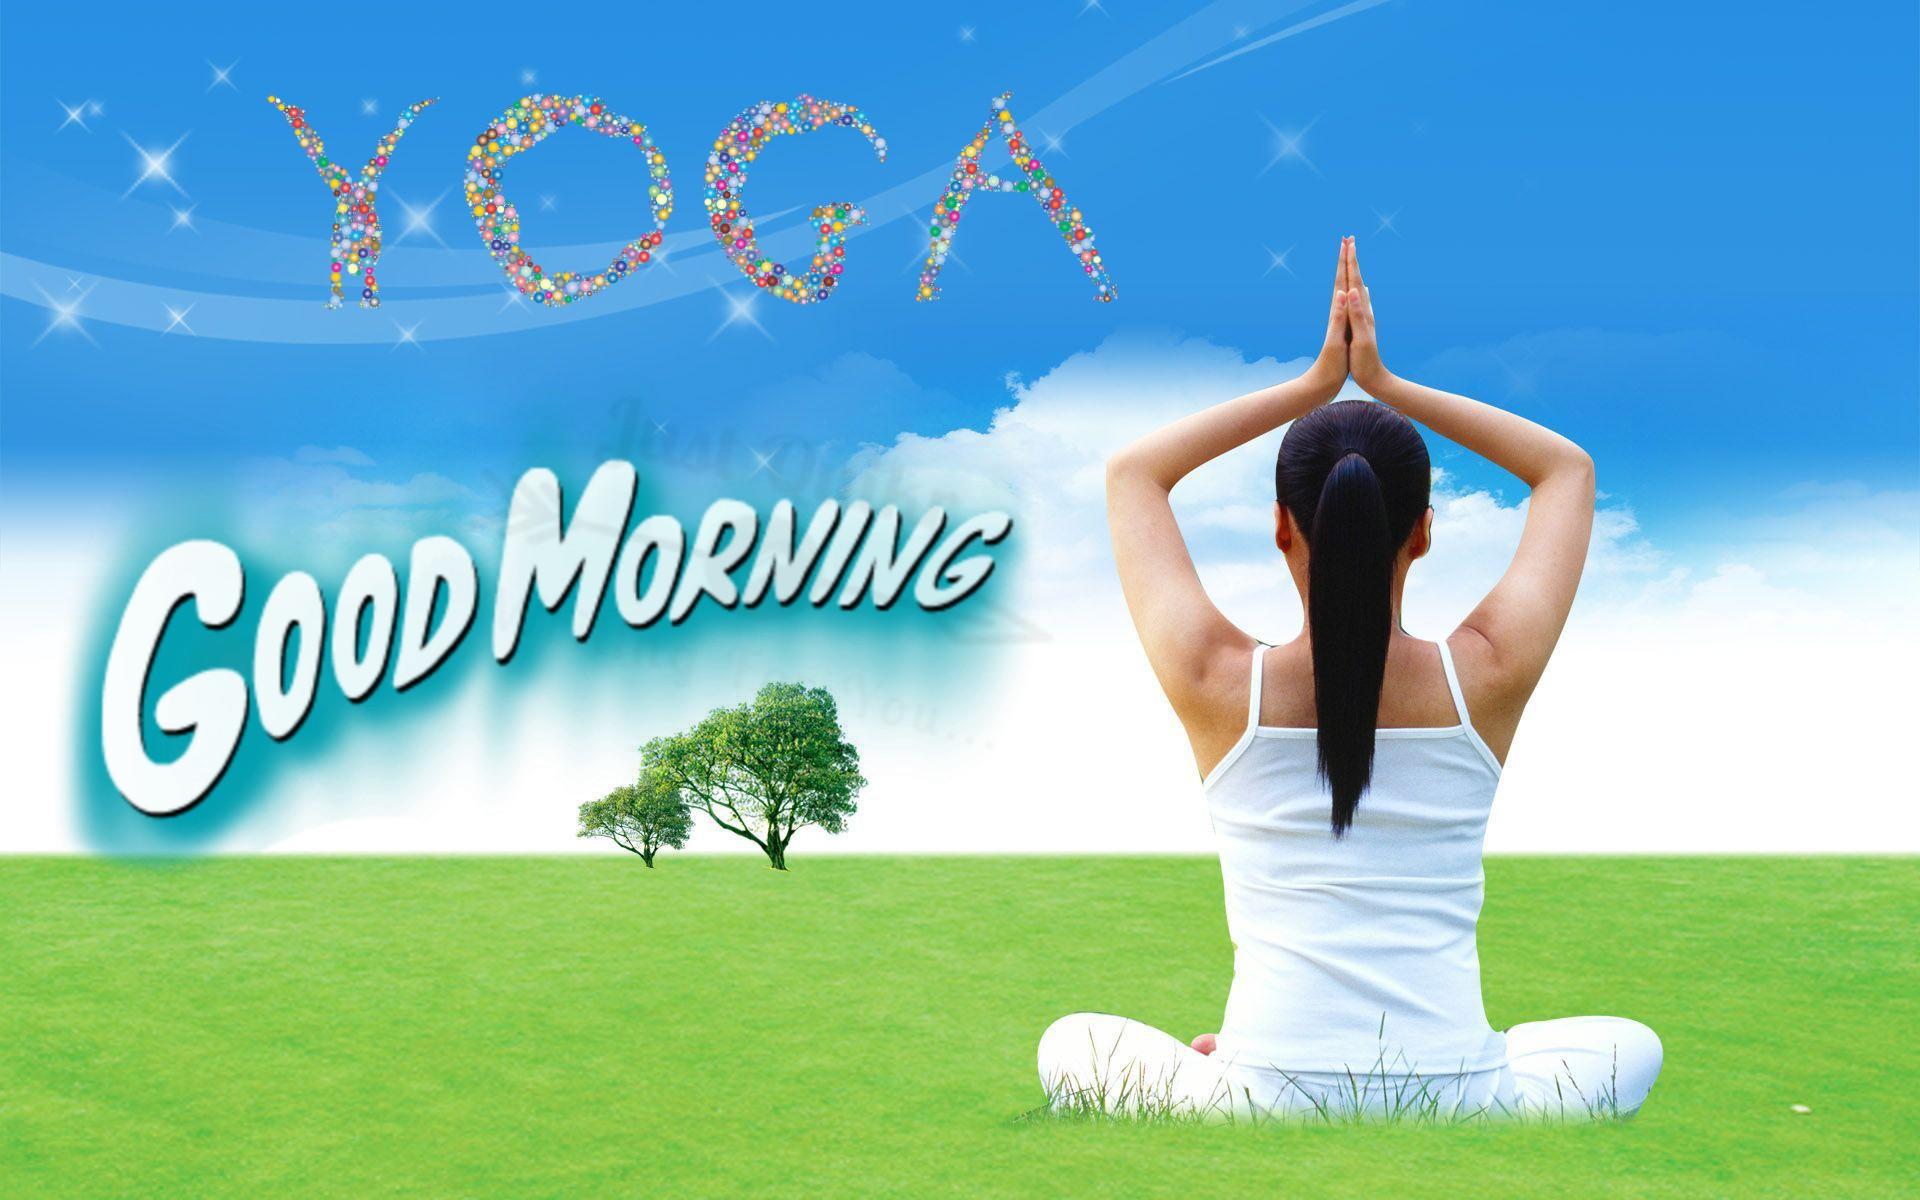 GoodMorning Yoga Pics Images